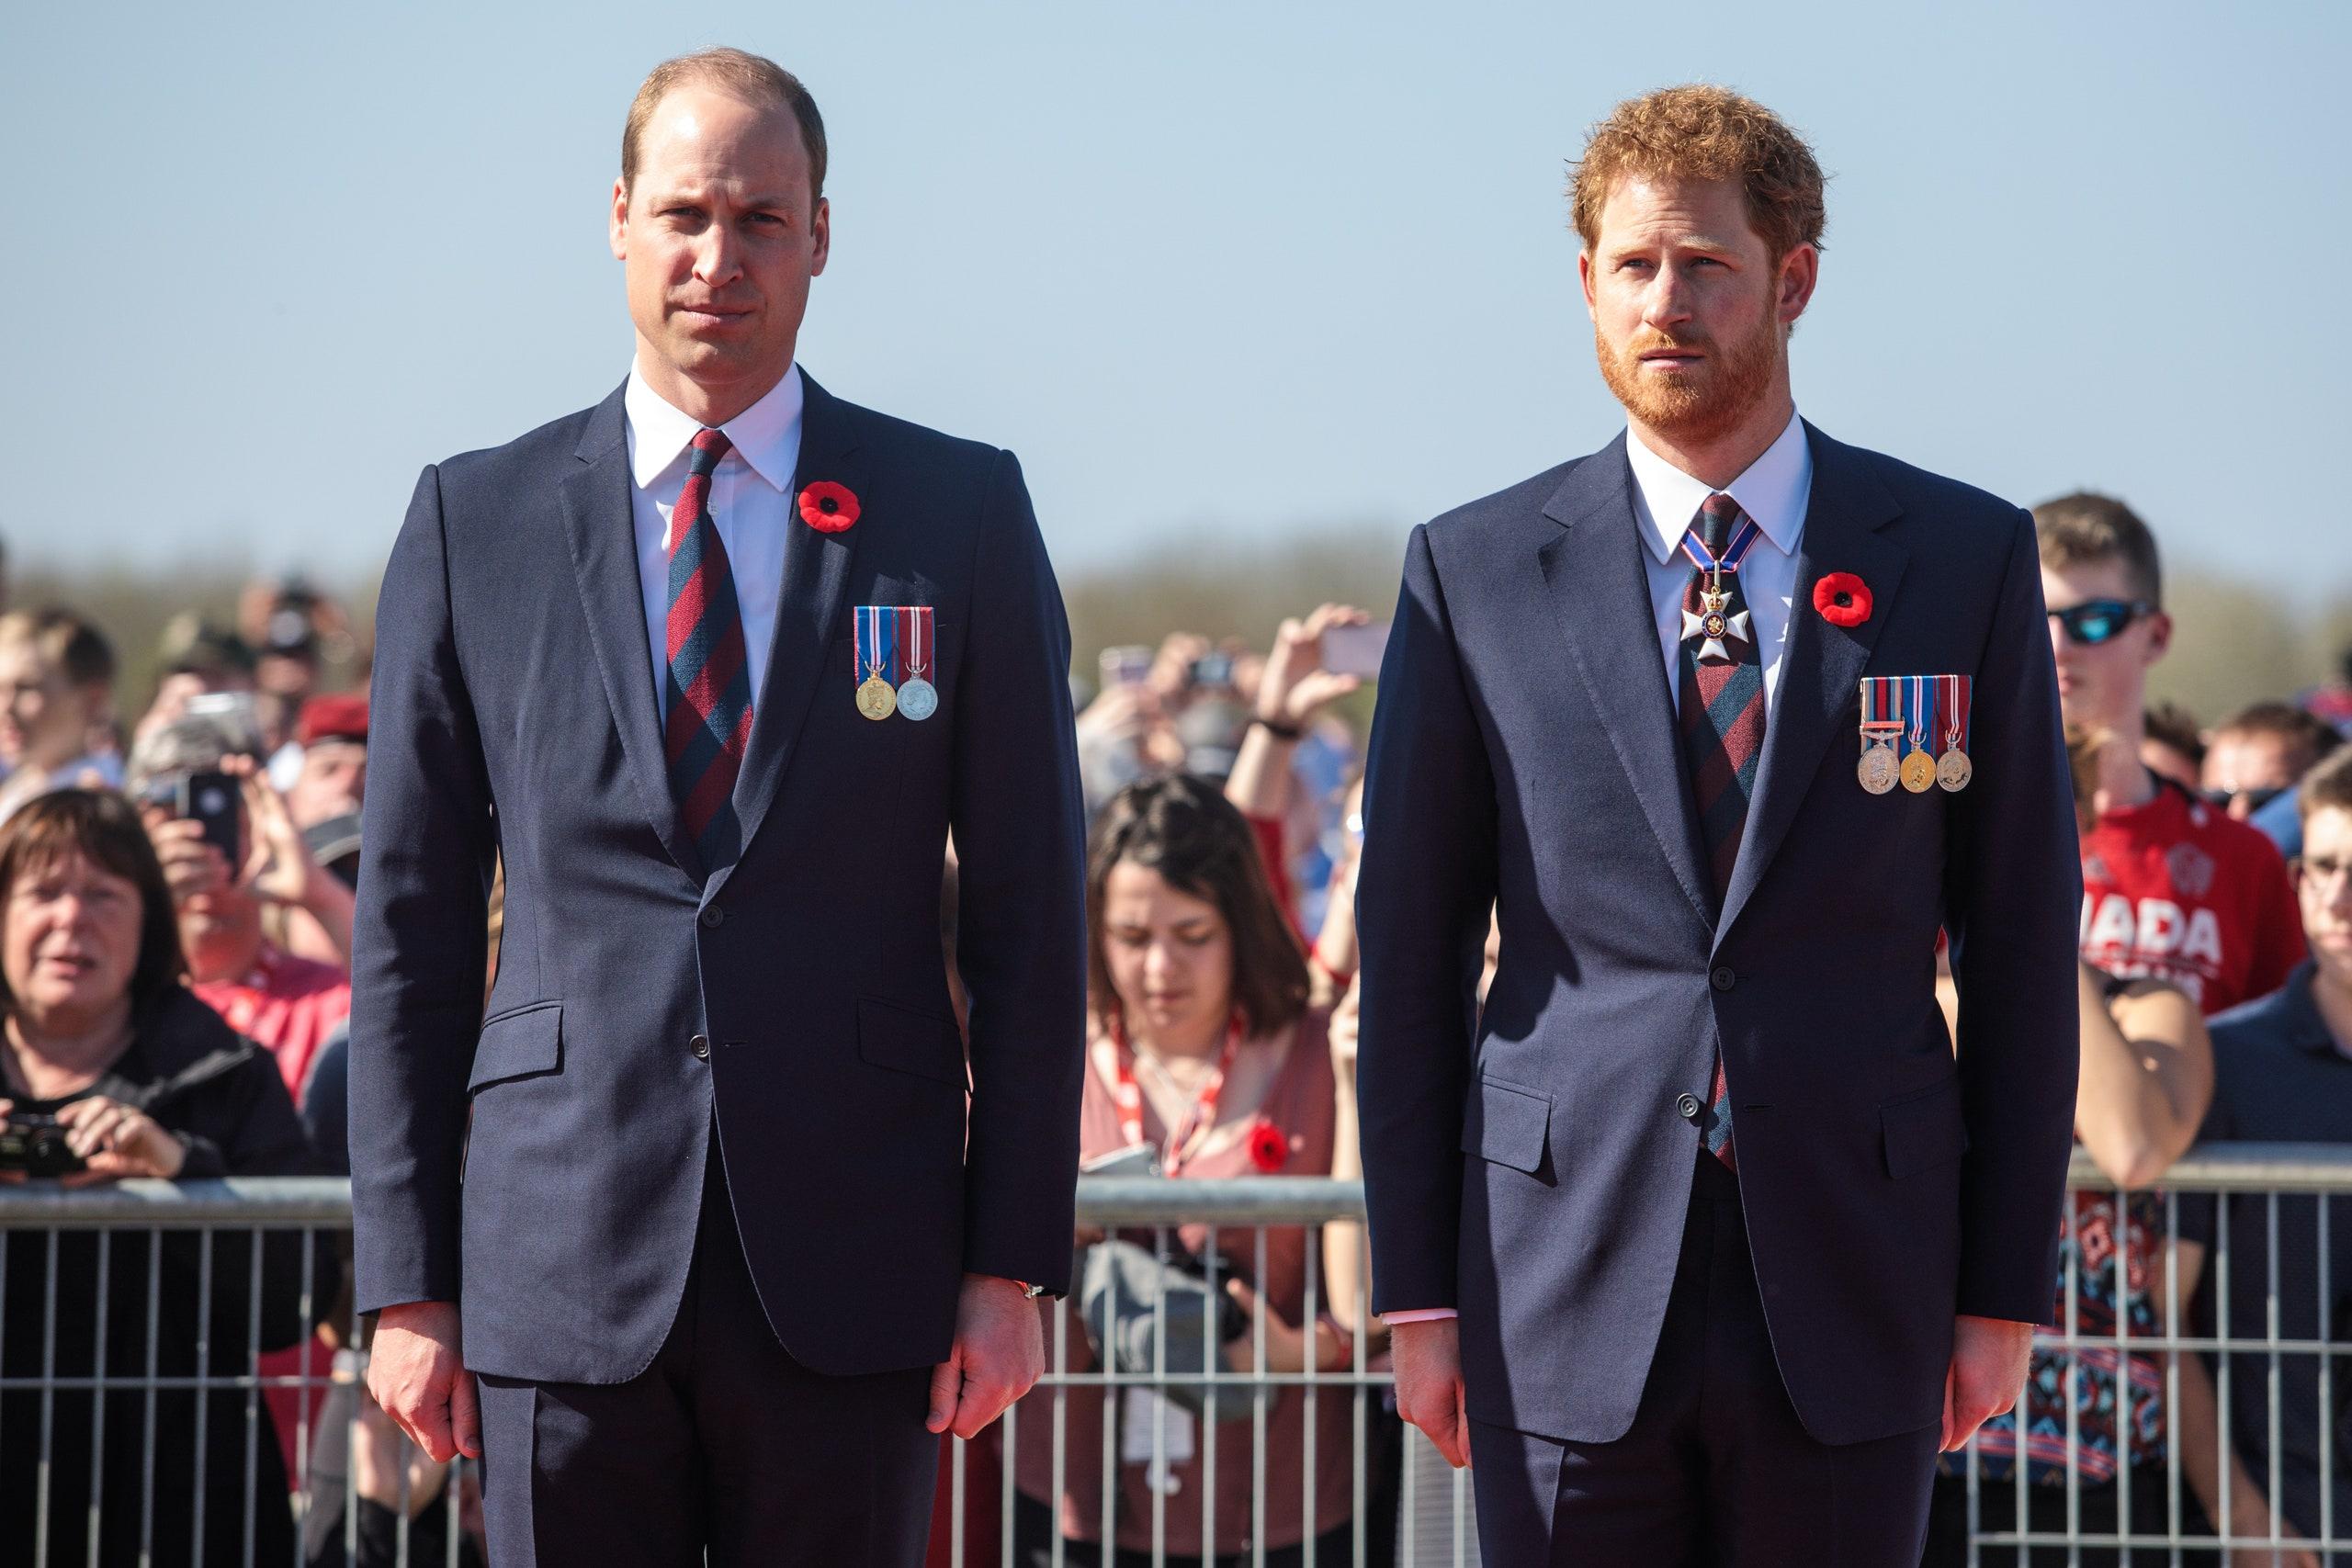 الأميران ويليام وهاري- الصورة من موقع Vanity Fair.jpg